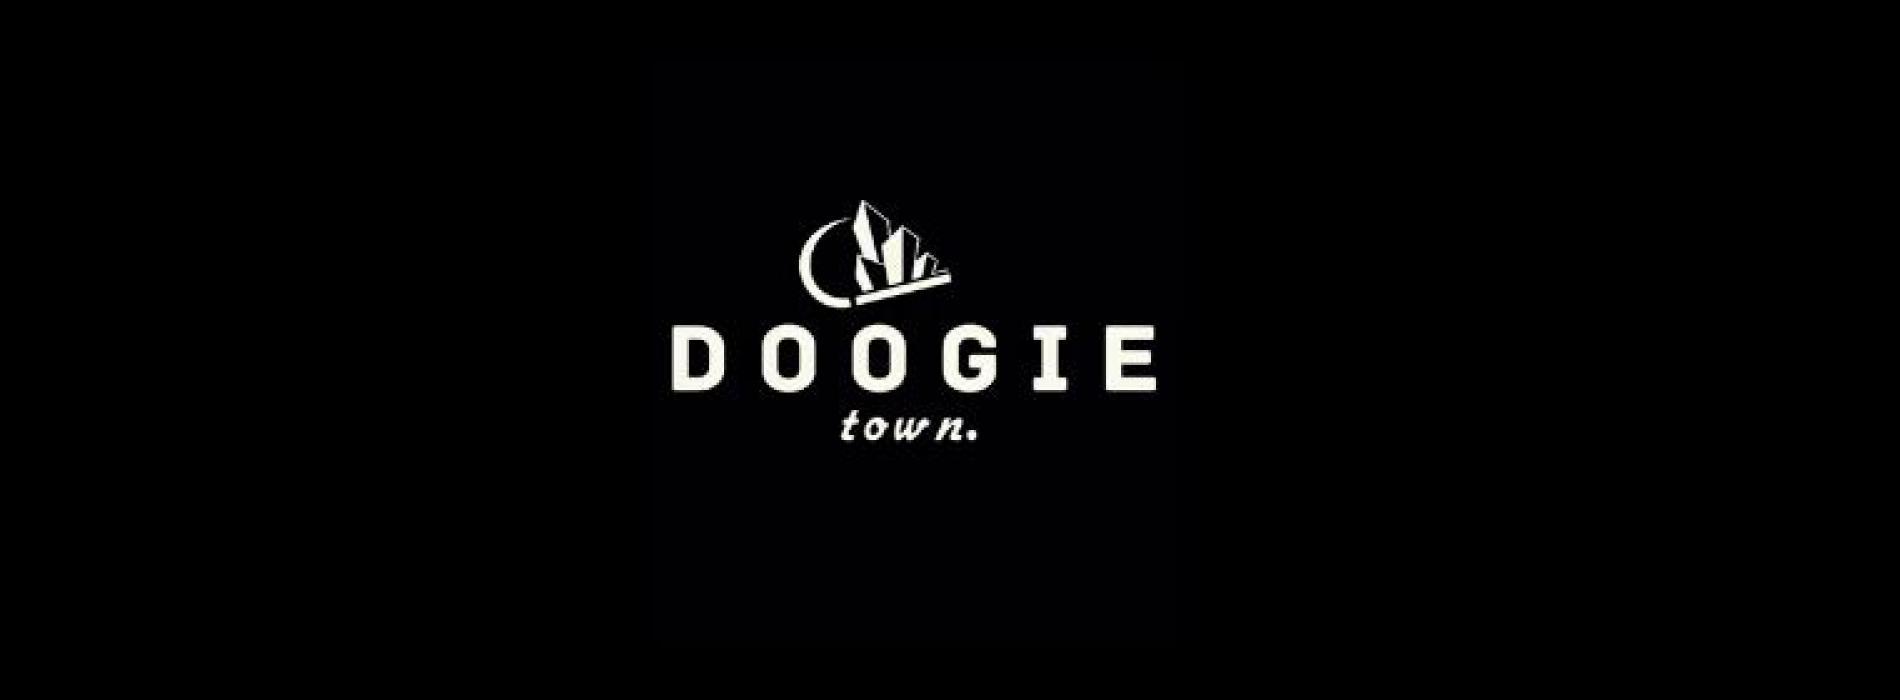 New Music : Boardwalk Angel – Billy Joe Cover By Doogie Town